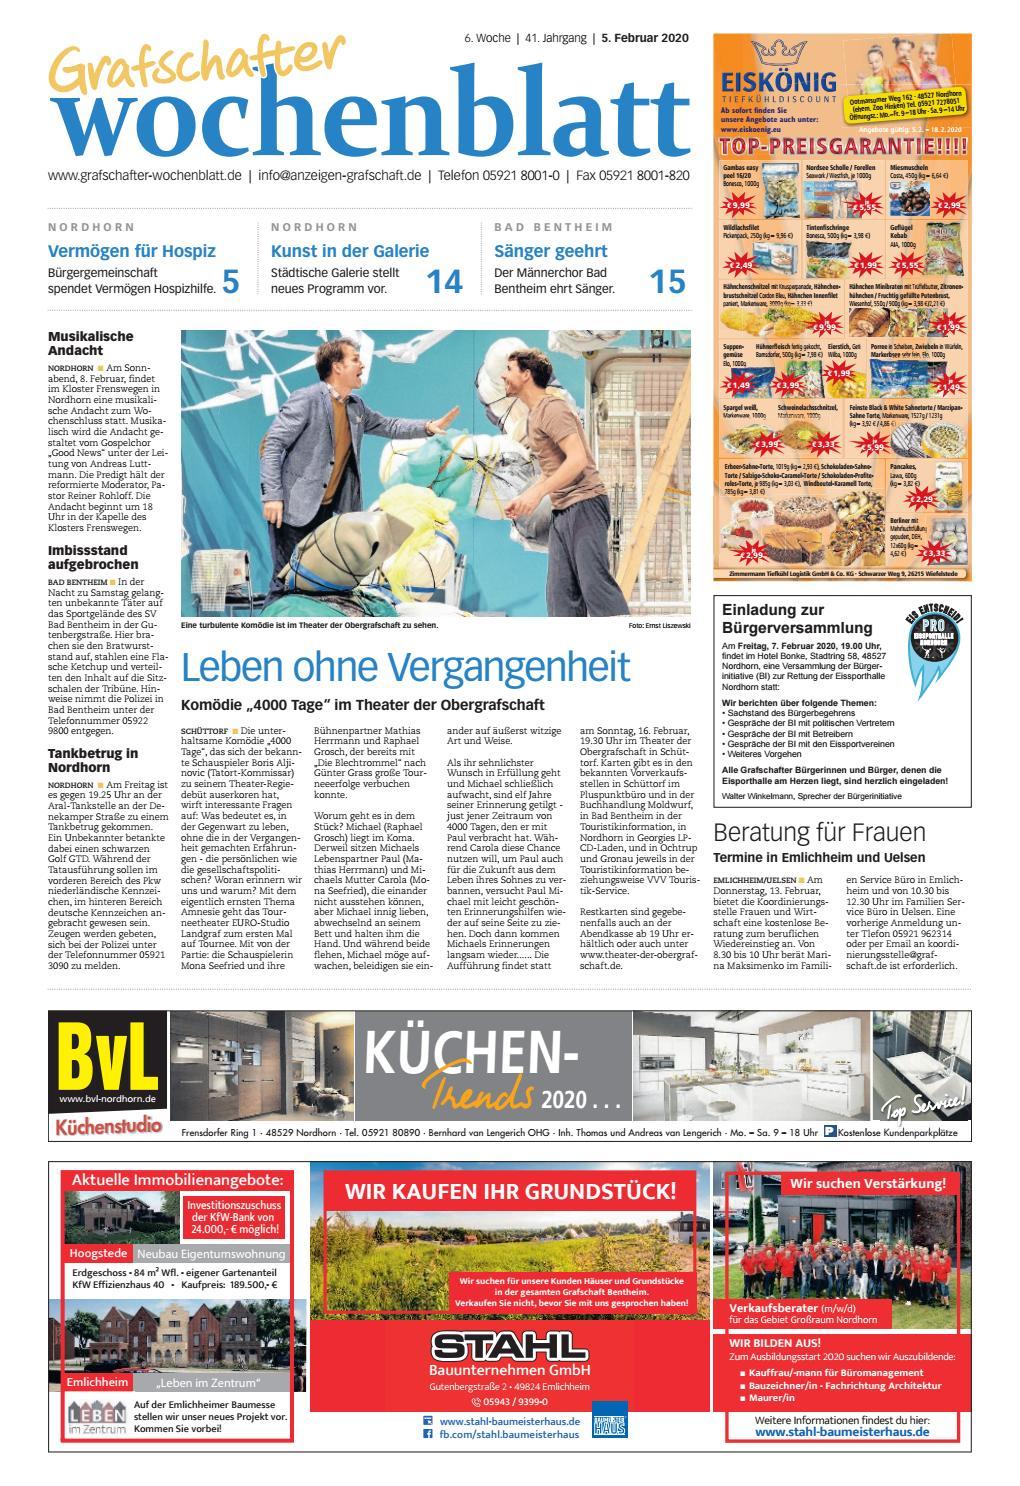 Grafschafter Wochenblatt 5 Februar 2020 By Grafschafter